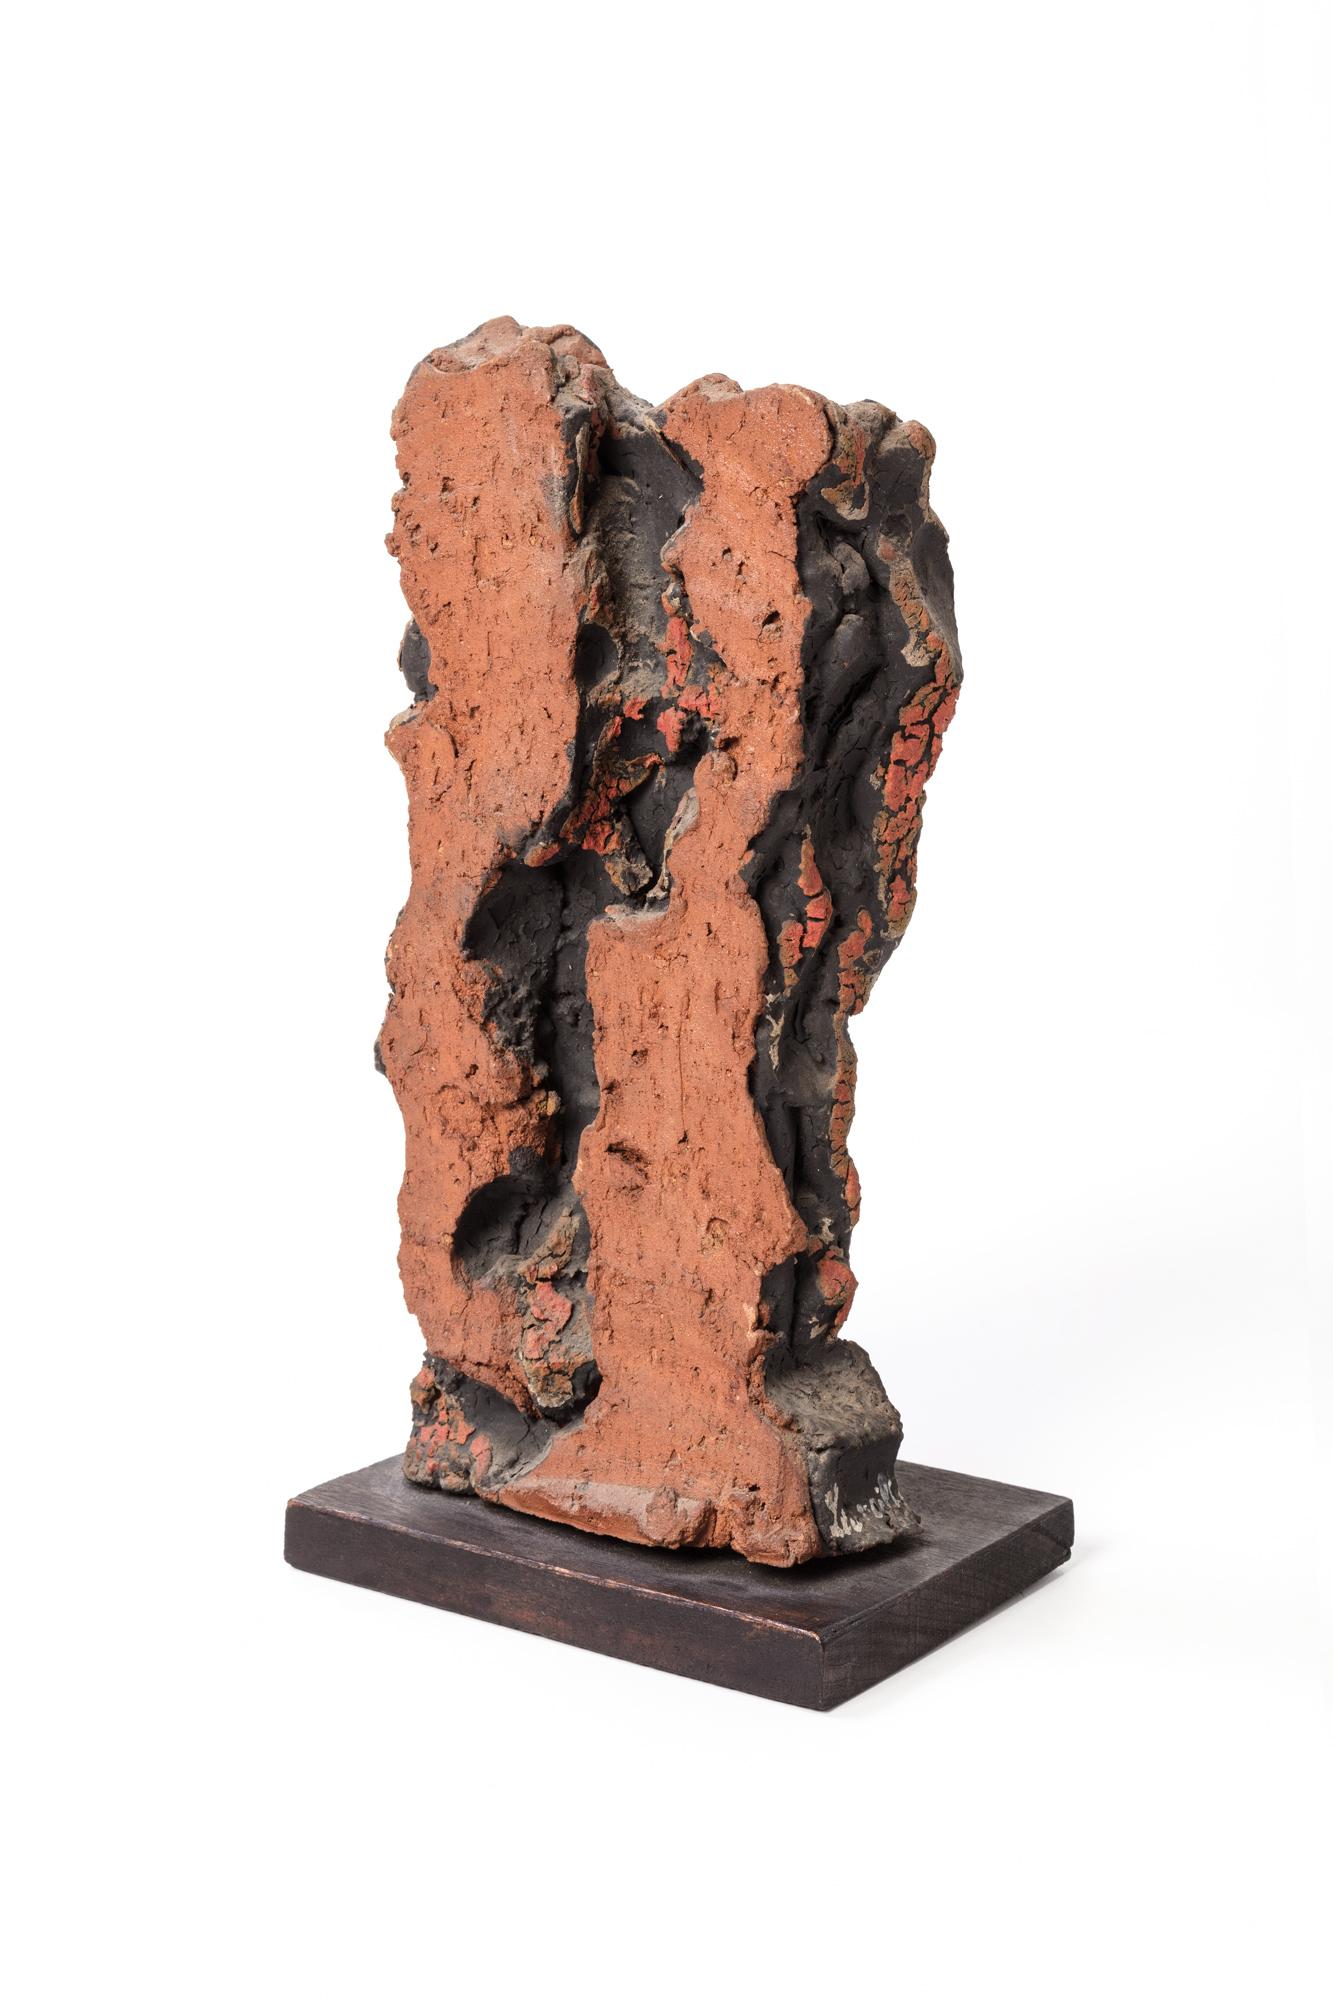 Taglio rosso, 1961